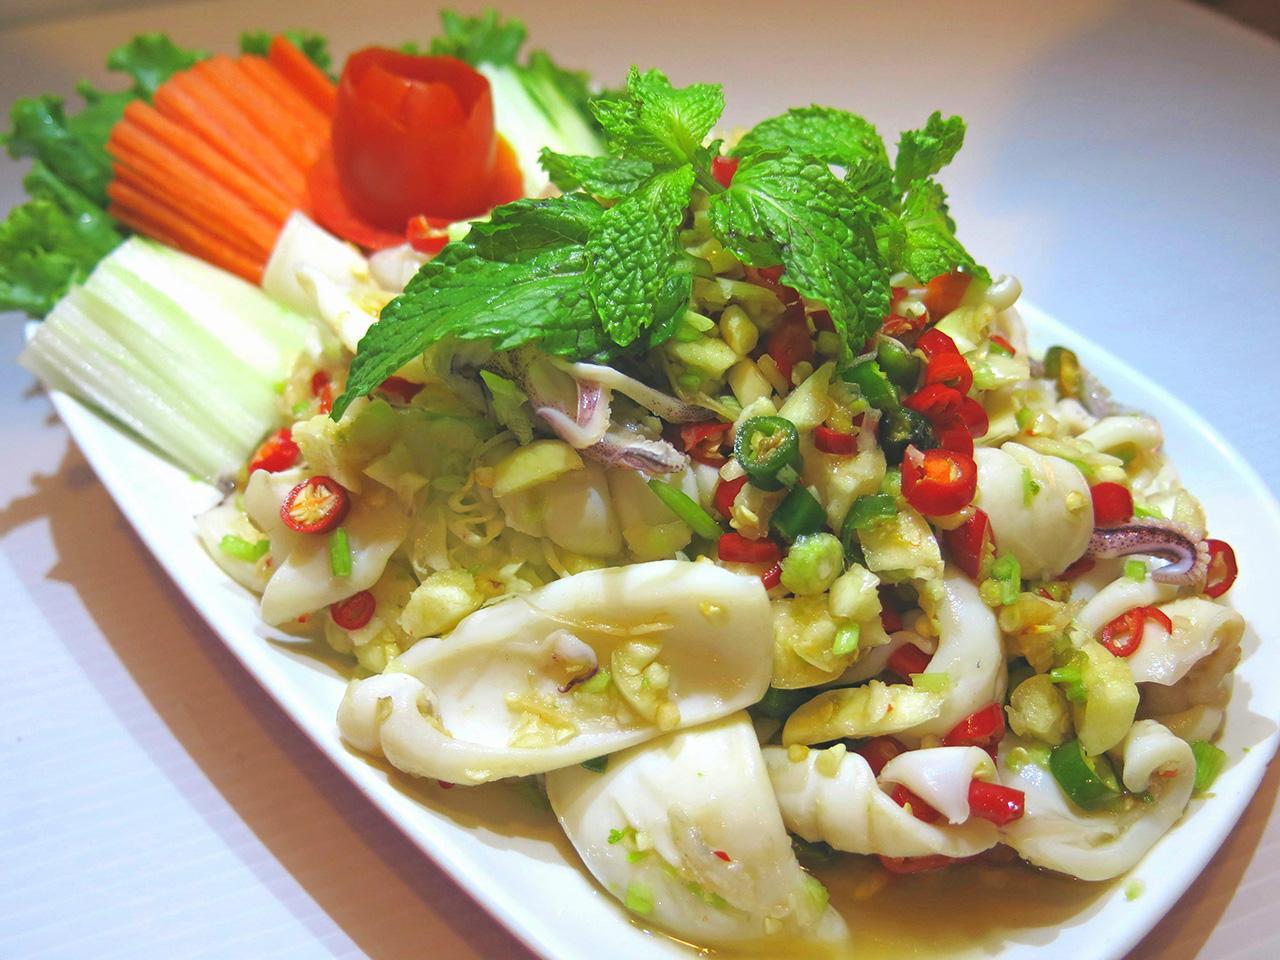 ปลาหมึกเป่าปากเผ็ดอร่อยสมชื่อเมนู.